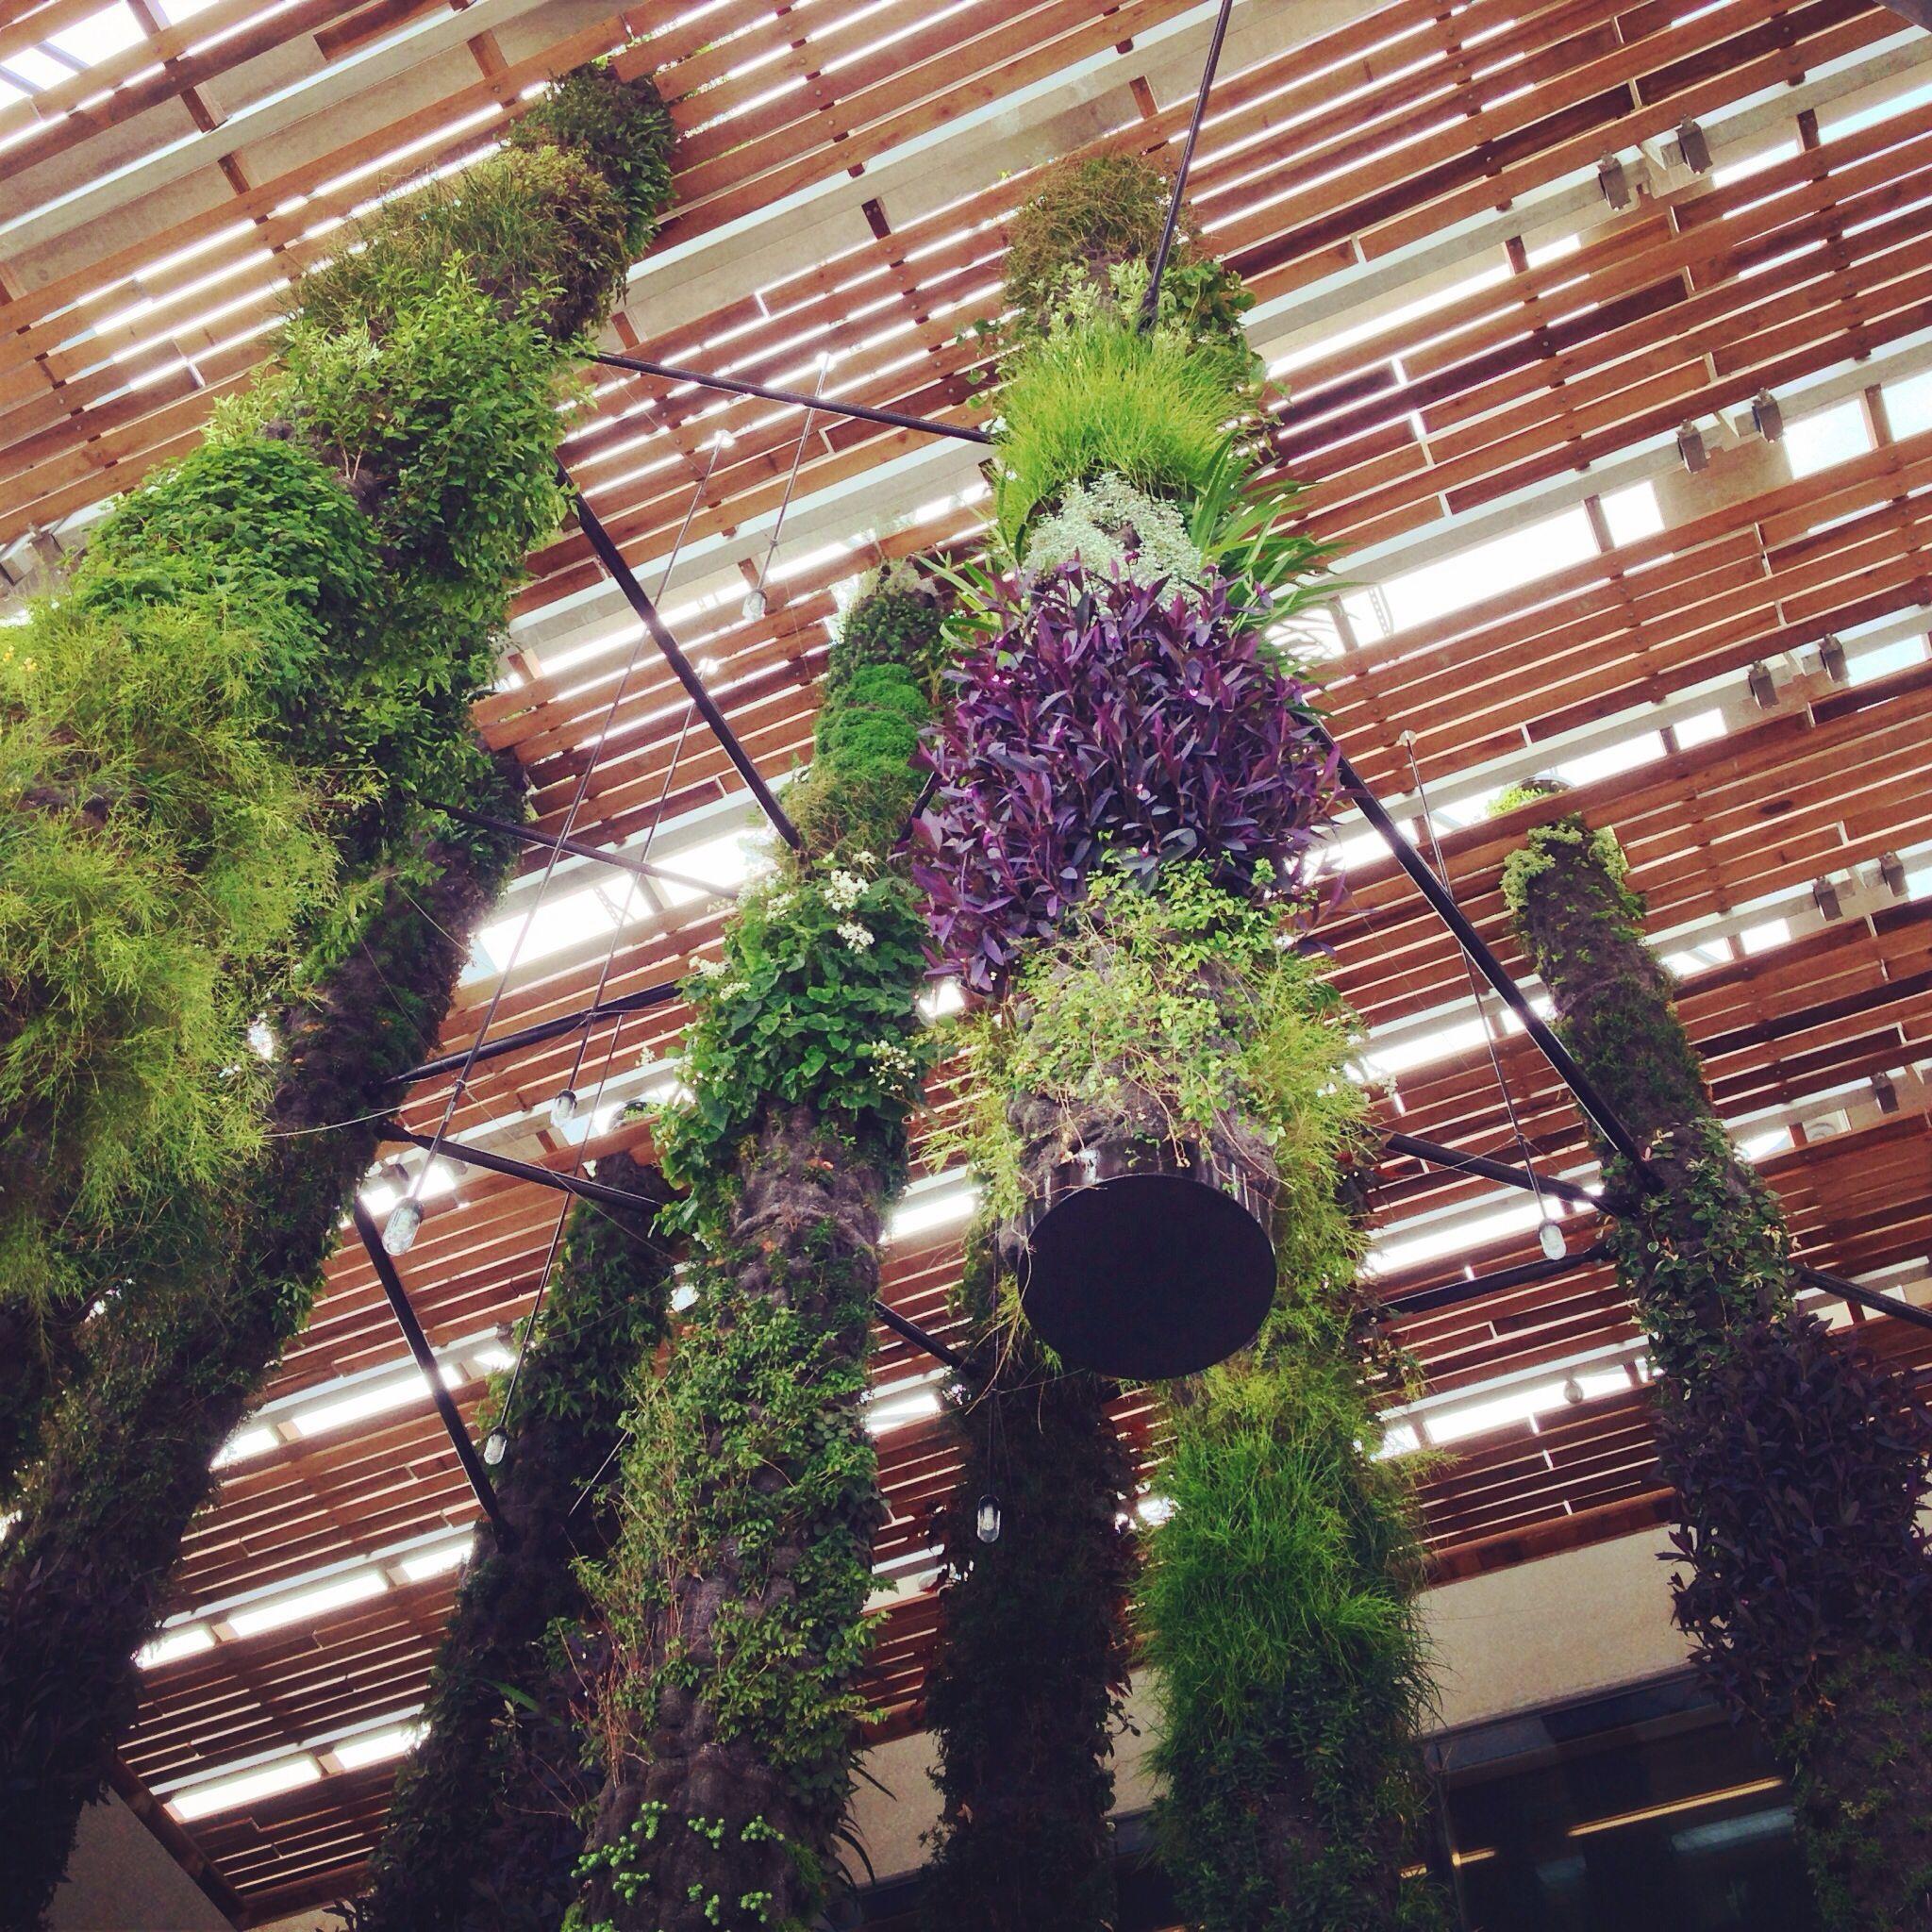 Vertical Gardens At Perez Art Museum Miami (com Imagens